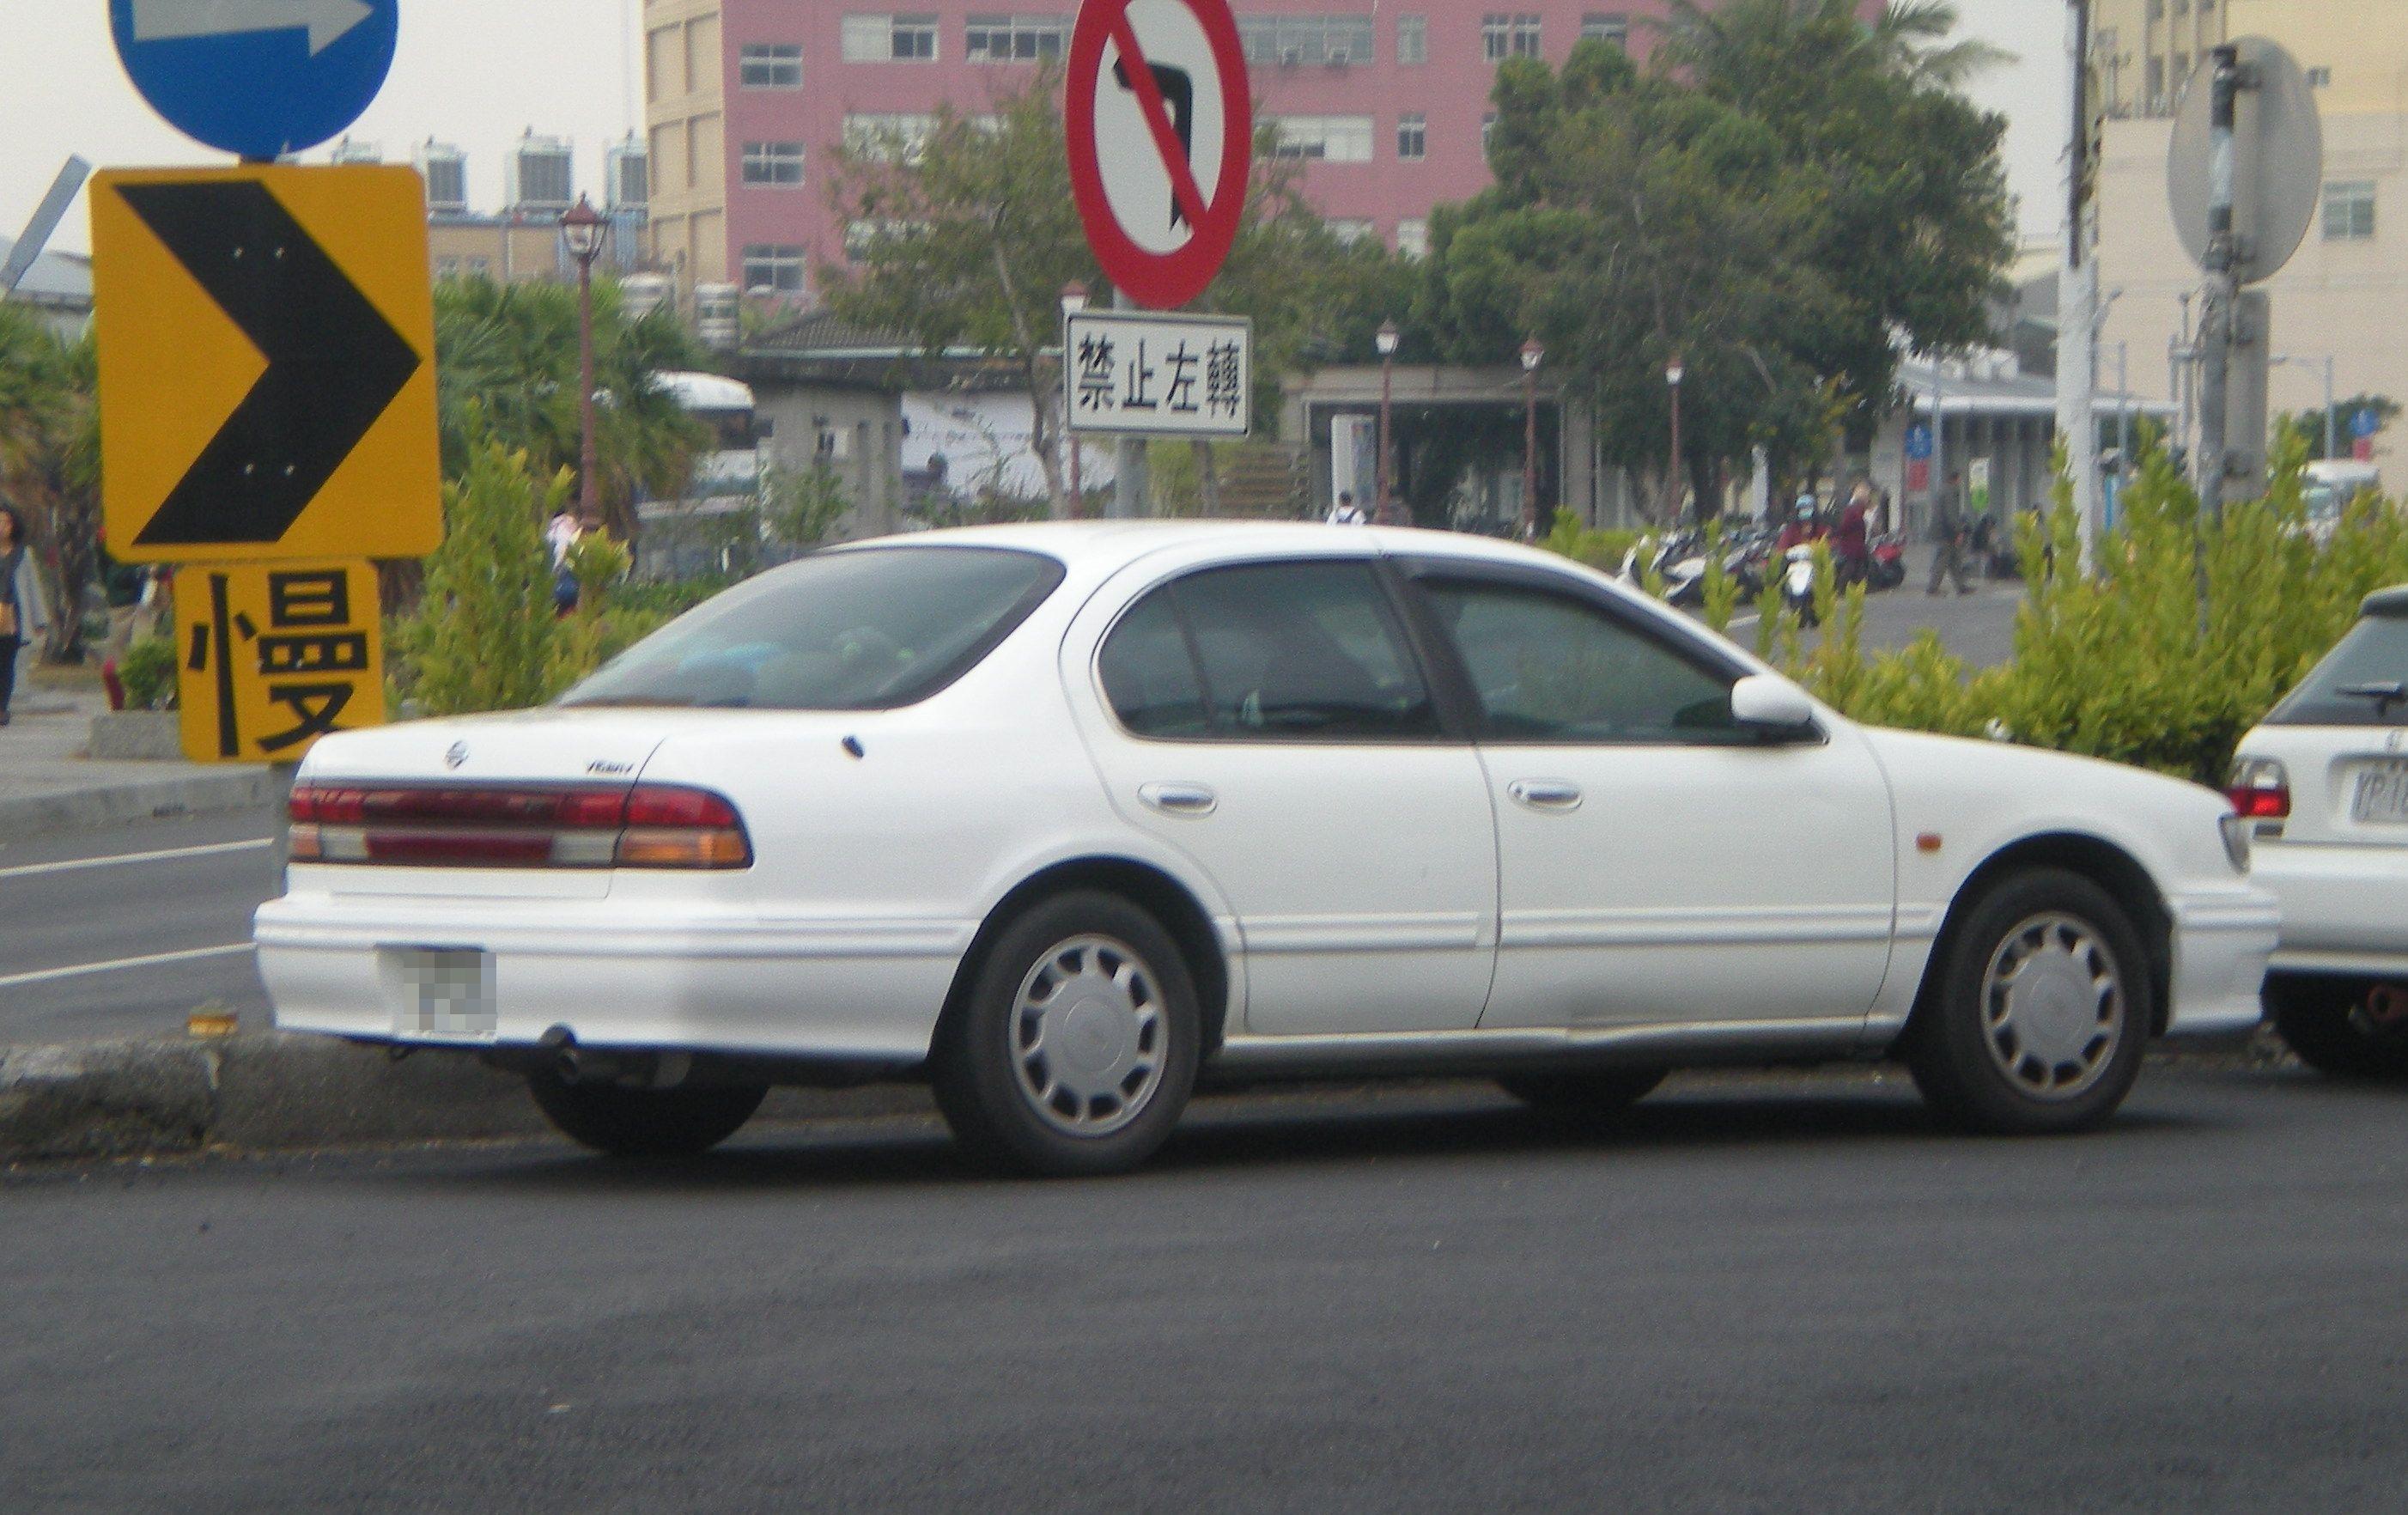 Build A Nissan 2020 New Car Reviews Models Detomaso Pantera Wiring Diagram Filenissan Cefiro A32 Taiwan 001 Wikimedia